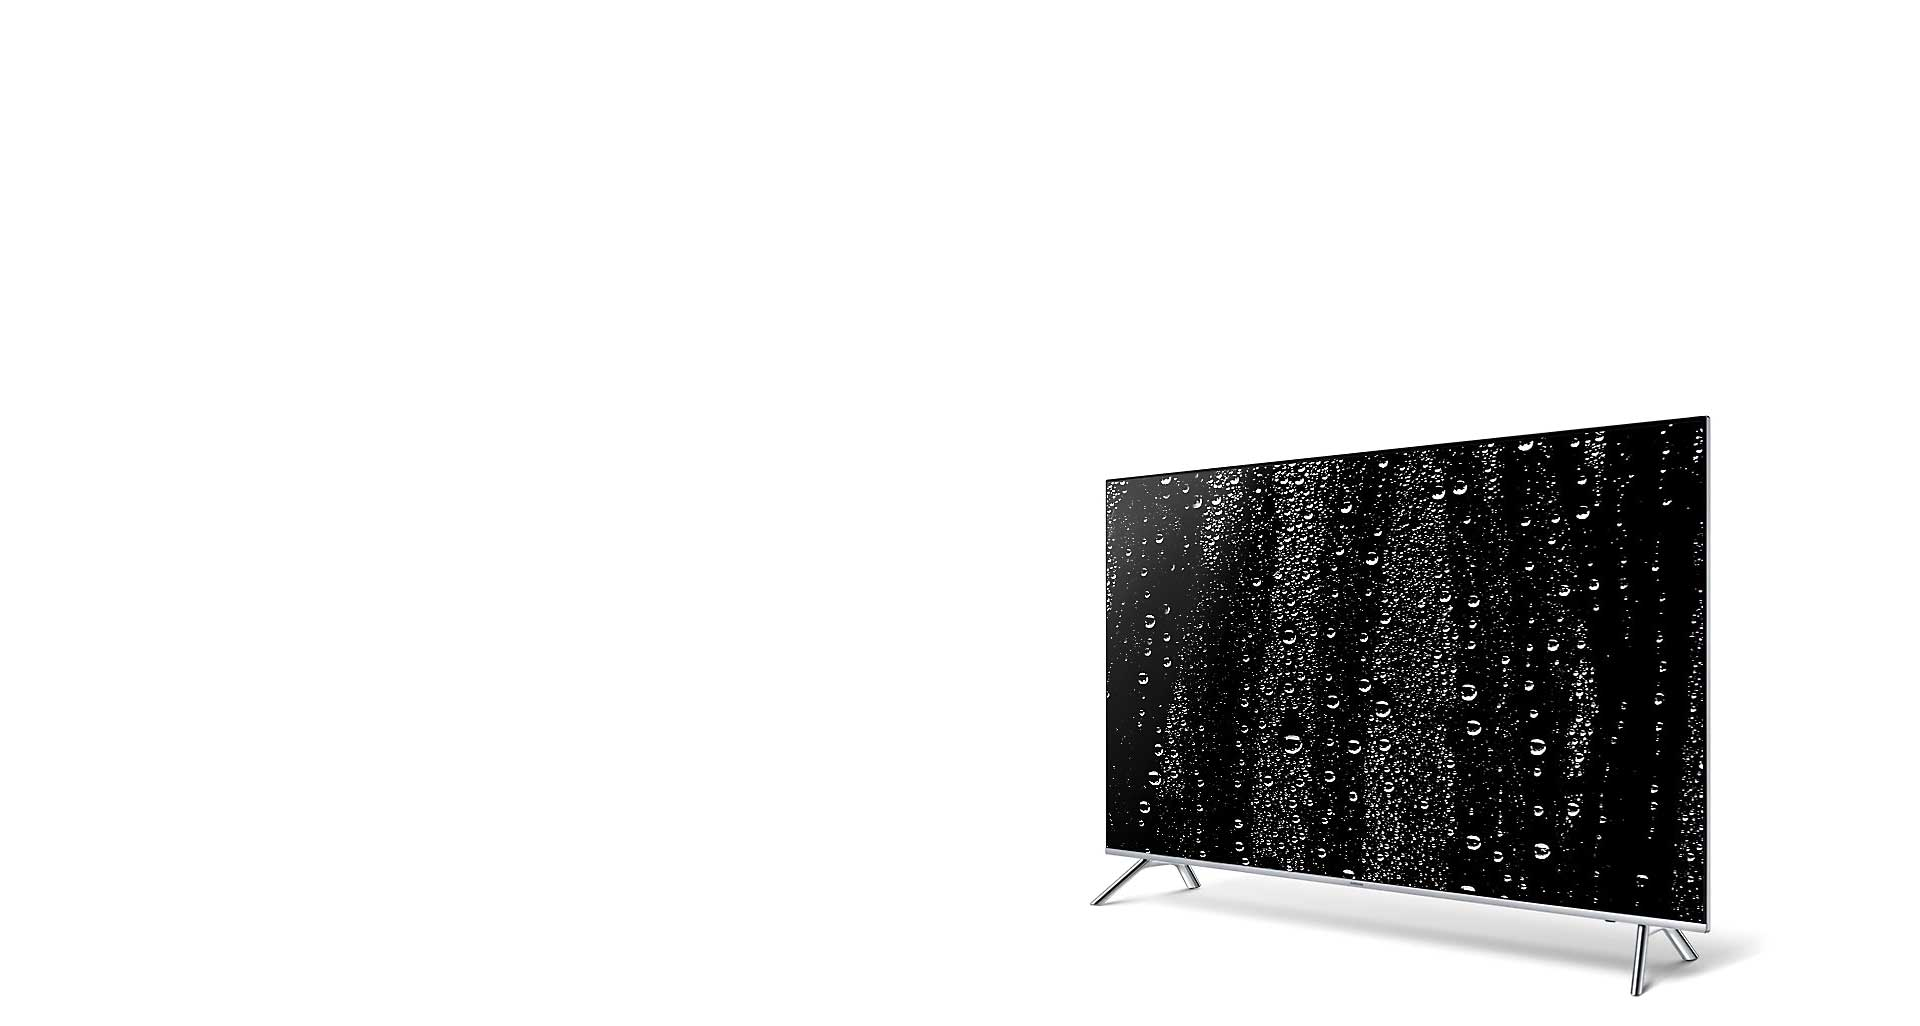 قیمت تلویزیون mu8990